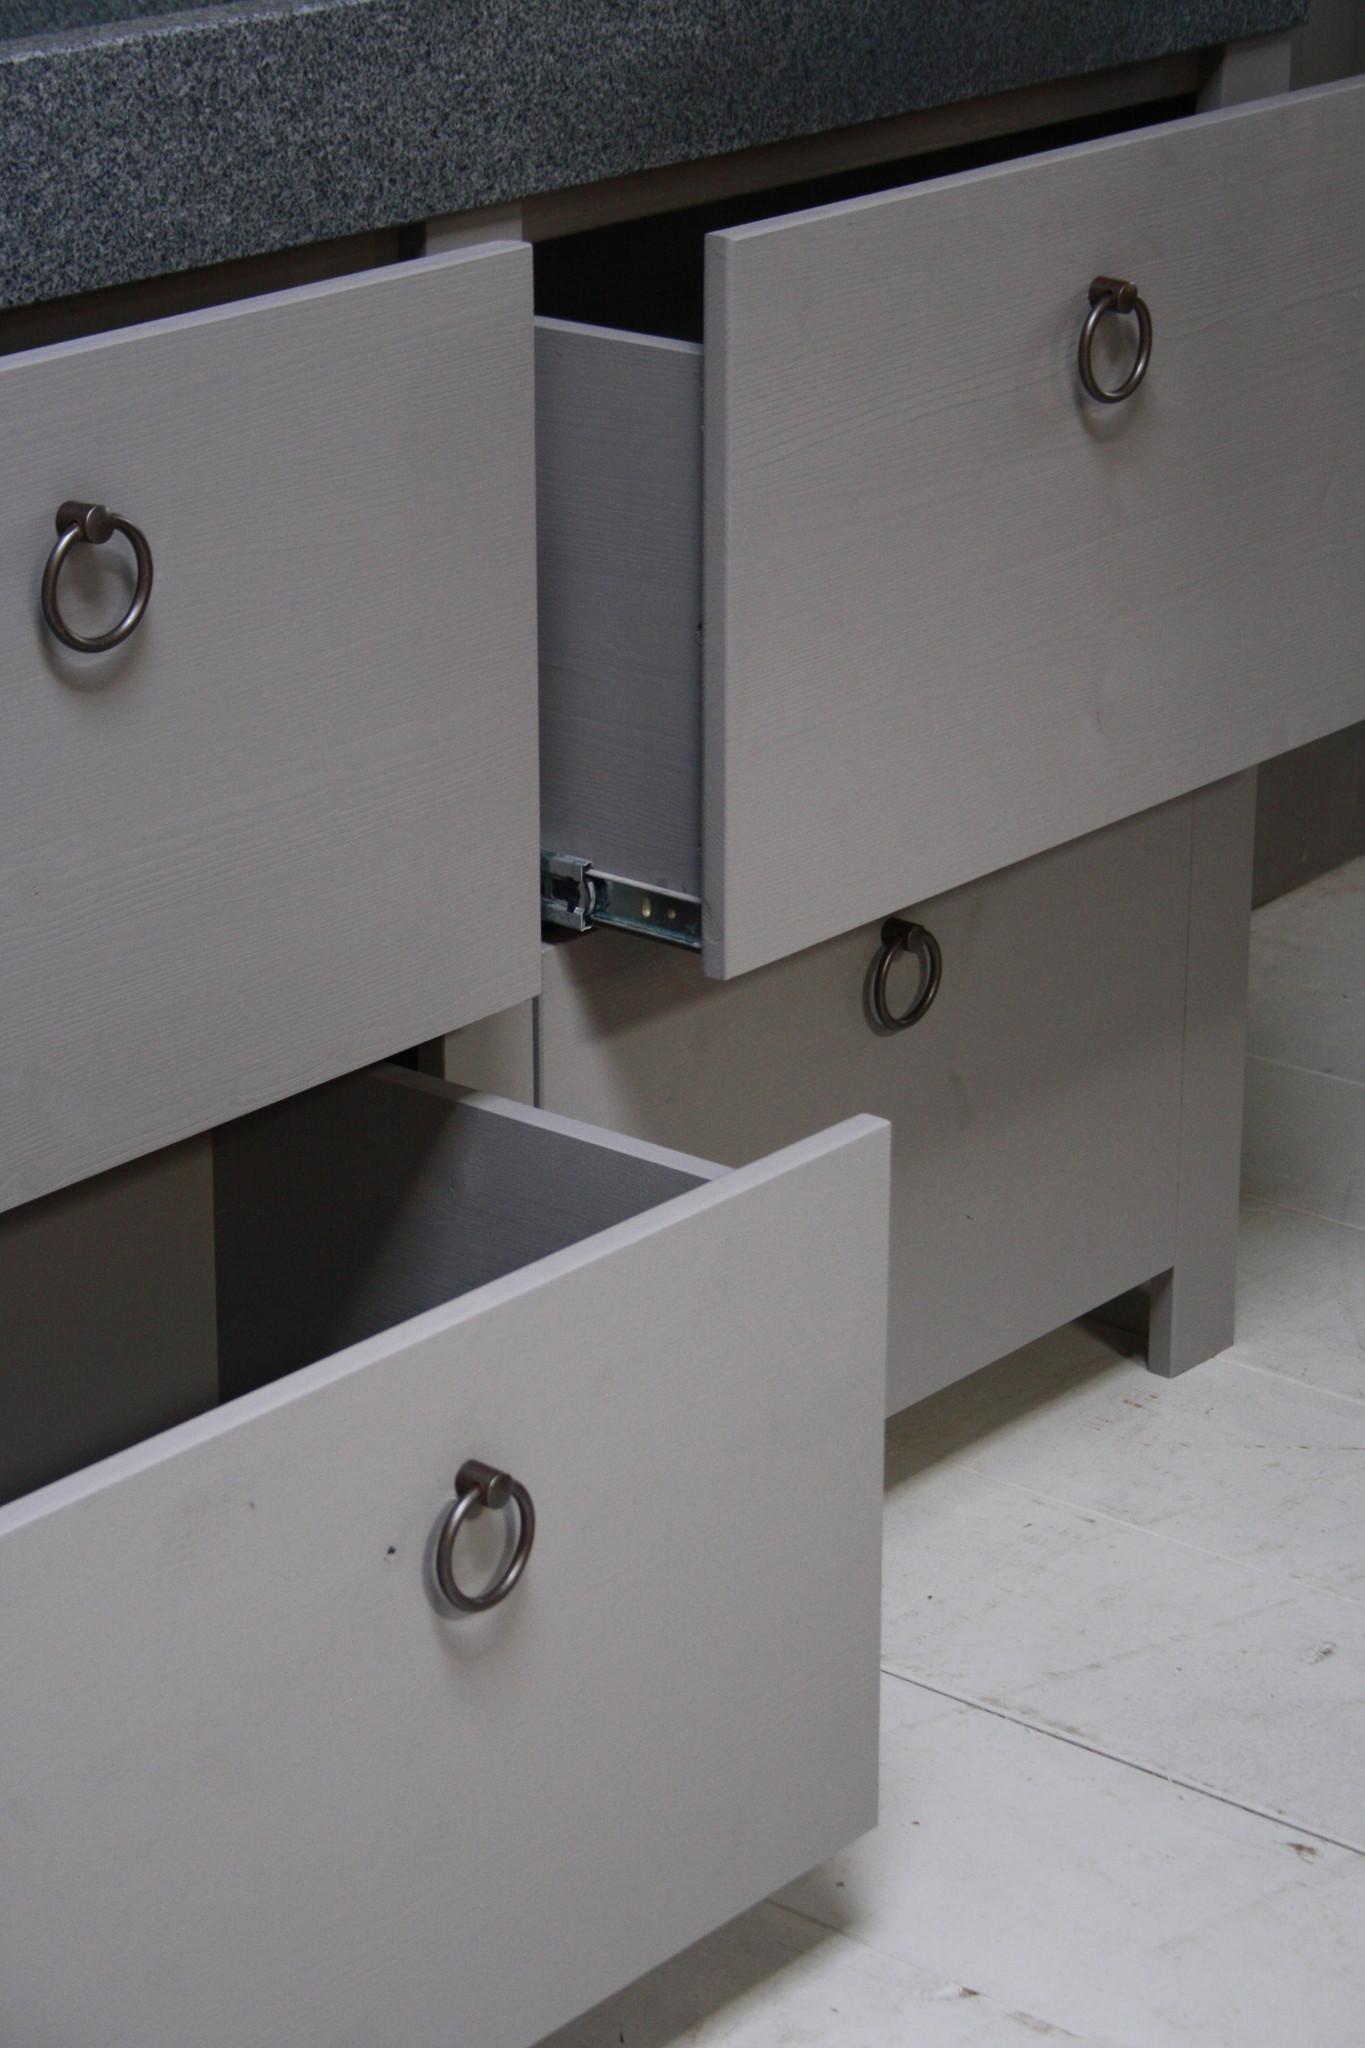 Landelijk badkamermeubel grijs 140 cm met 4 lades en dubbele spoelbak-5